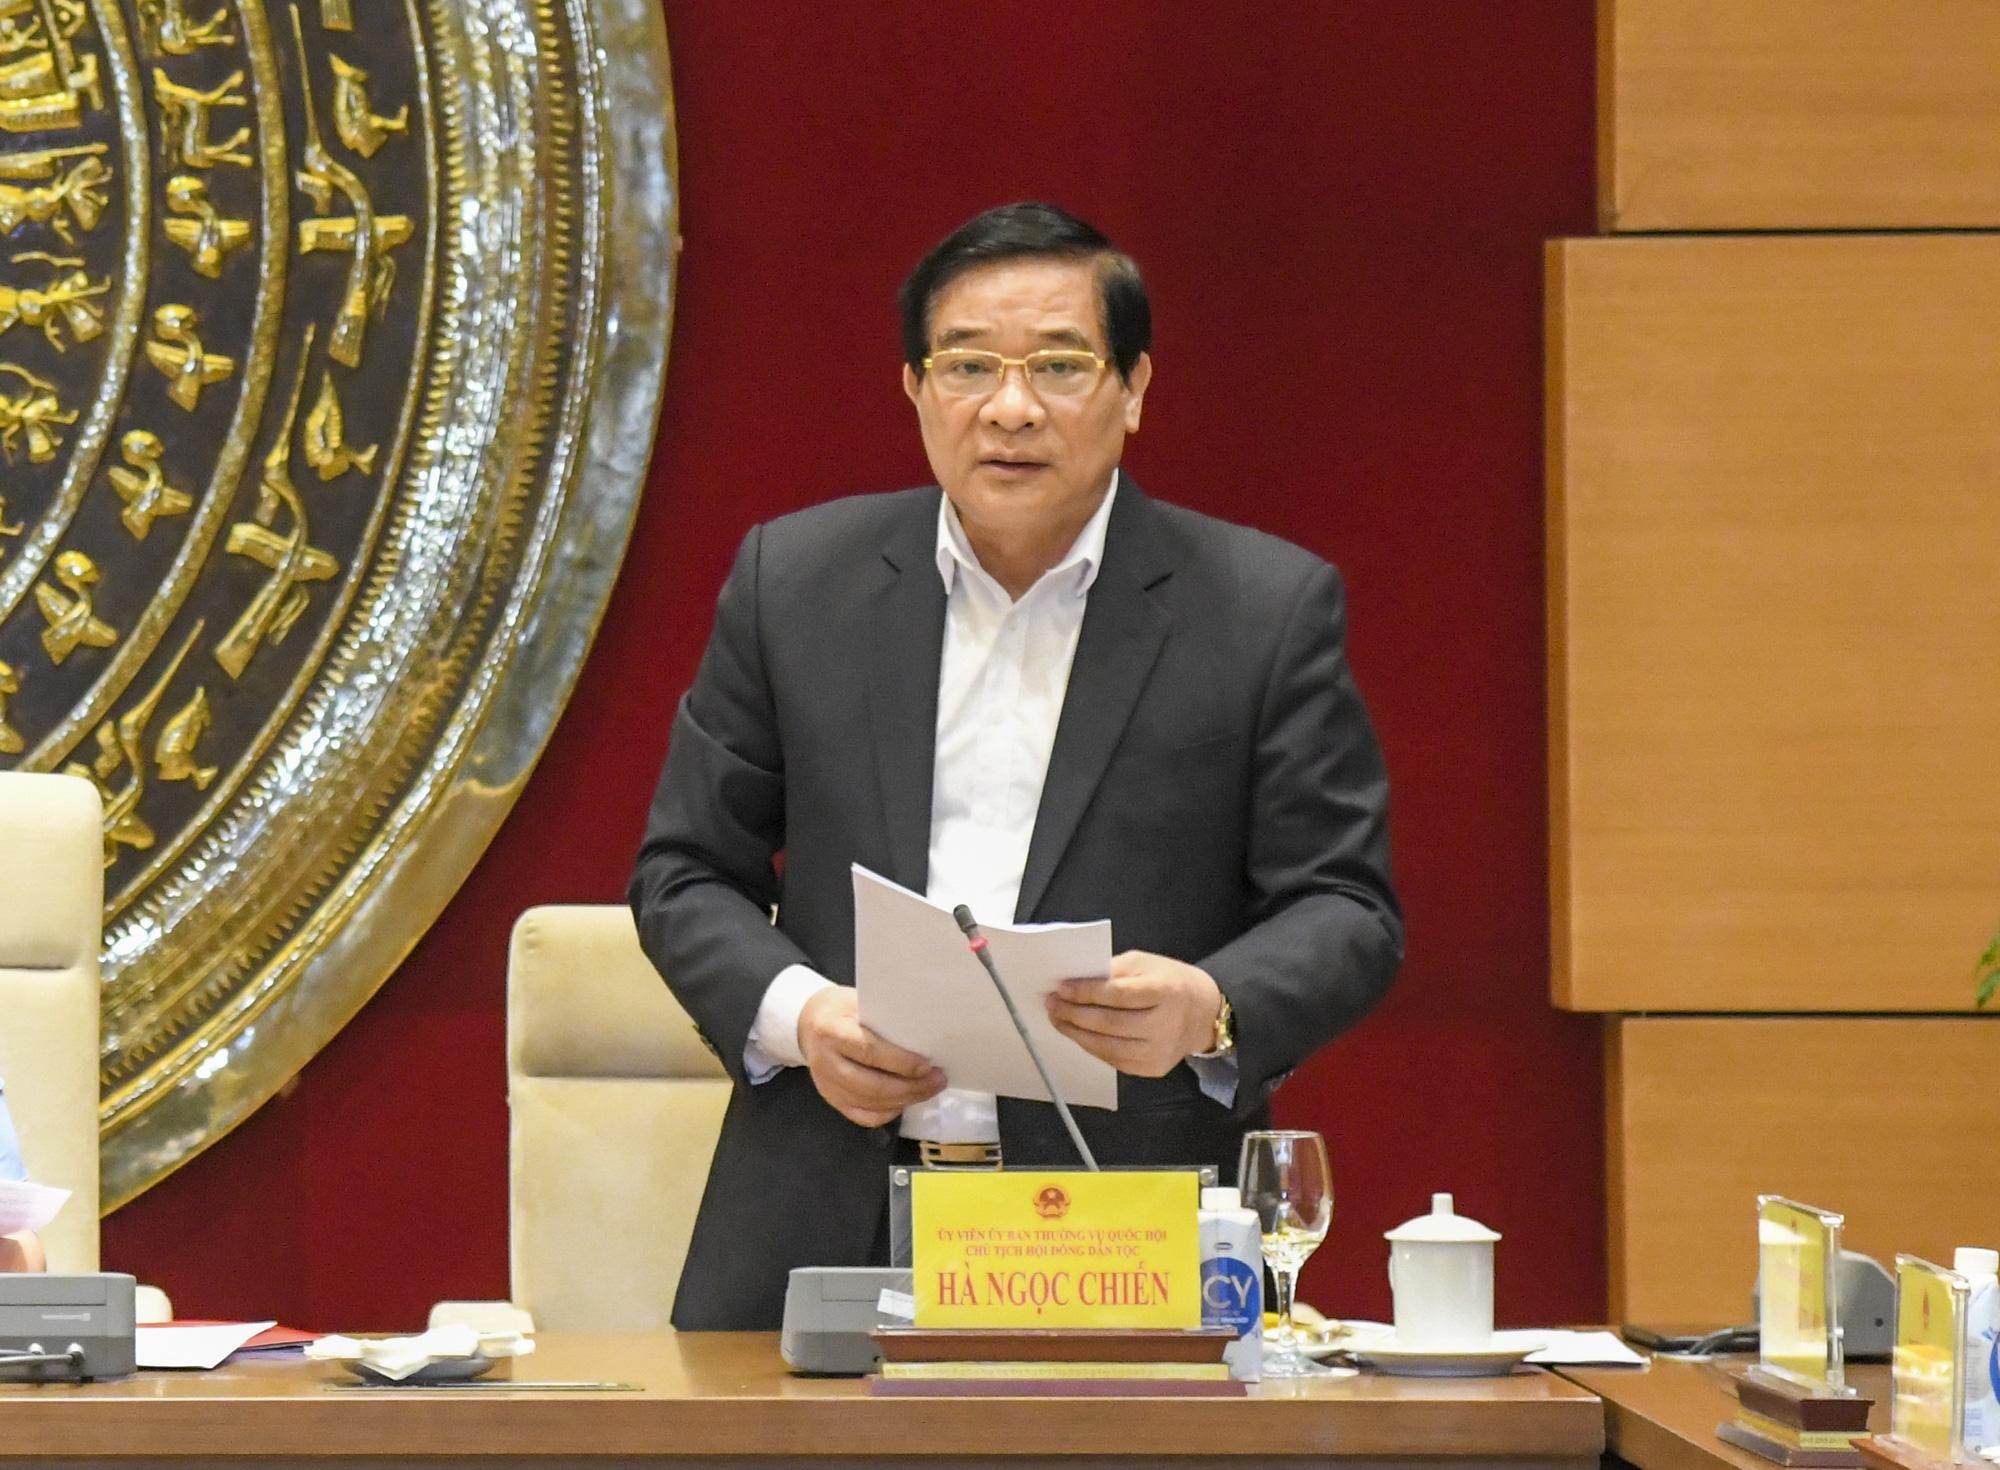 Ảnh: Chủ tịch Quốc hội Vương Đình Huệ làm việc với Hội đồng Dân tộc - Ảnh 6.